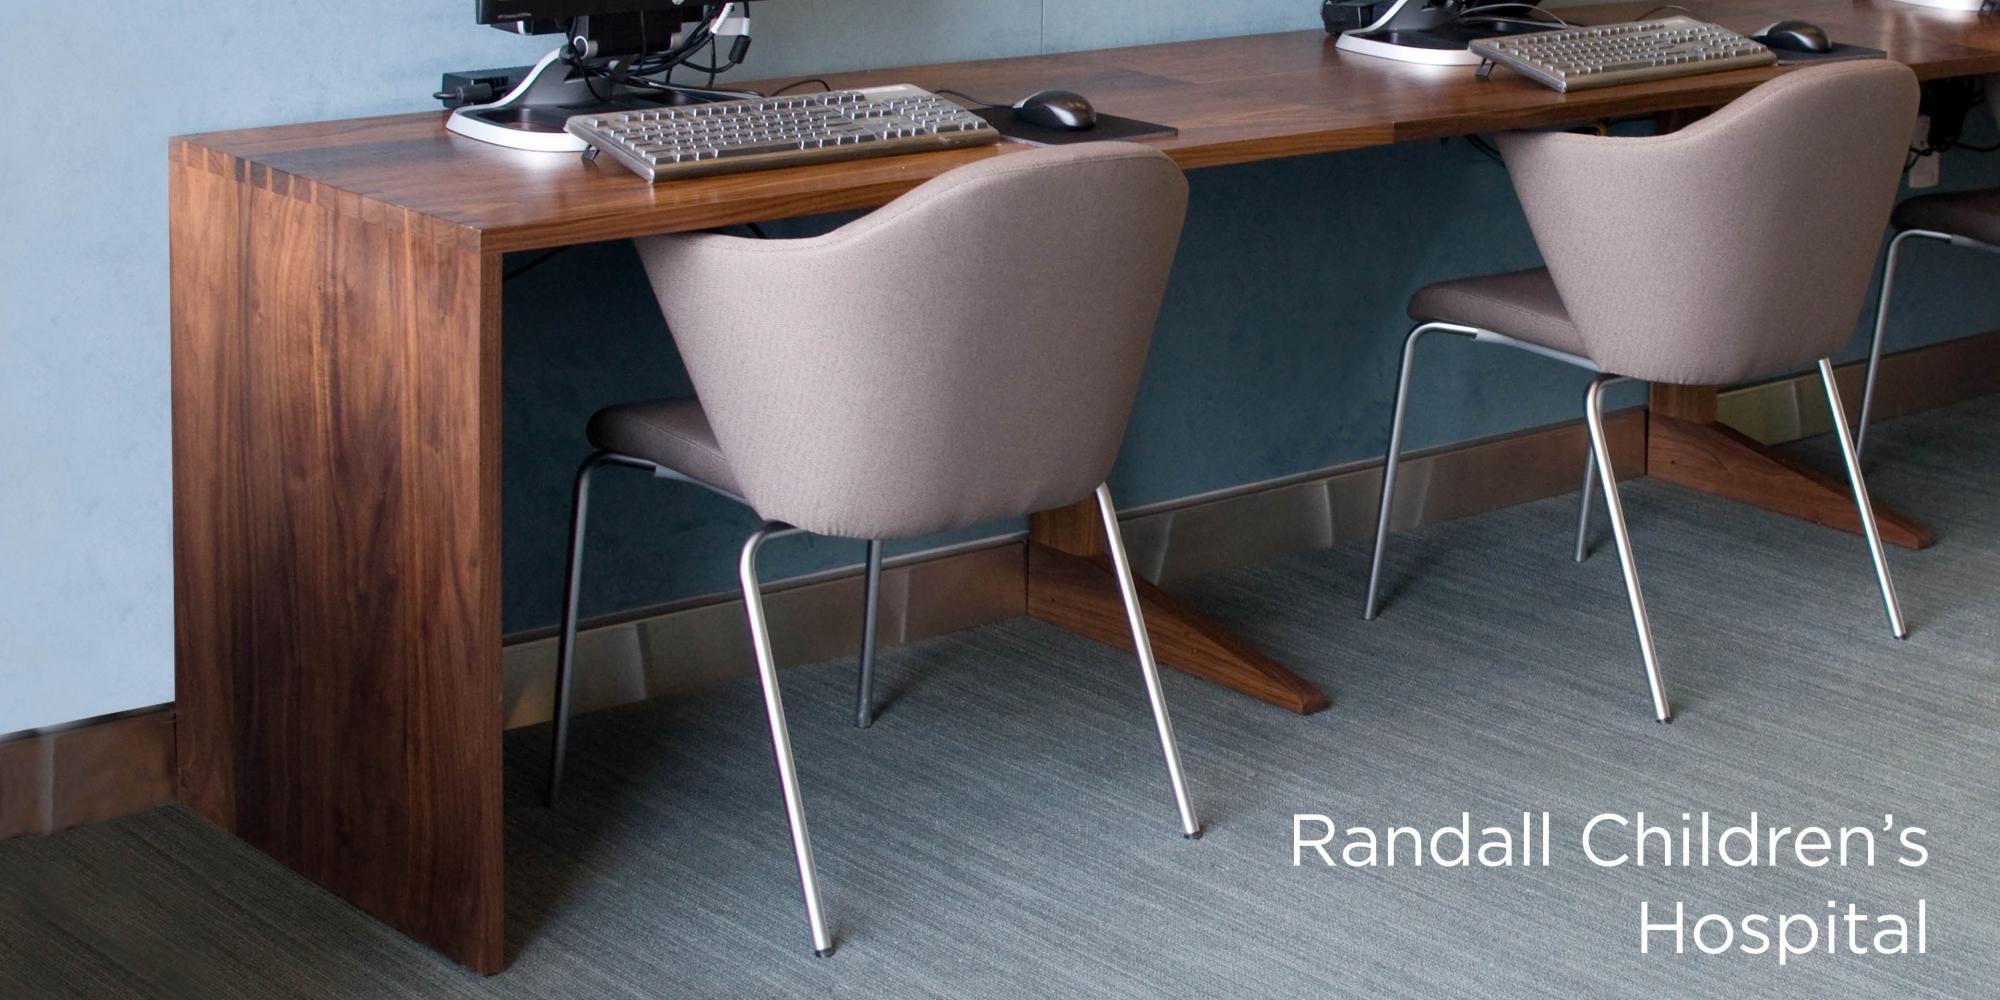 Randall Children's Hospital Custom Desk